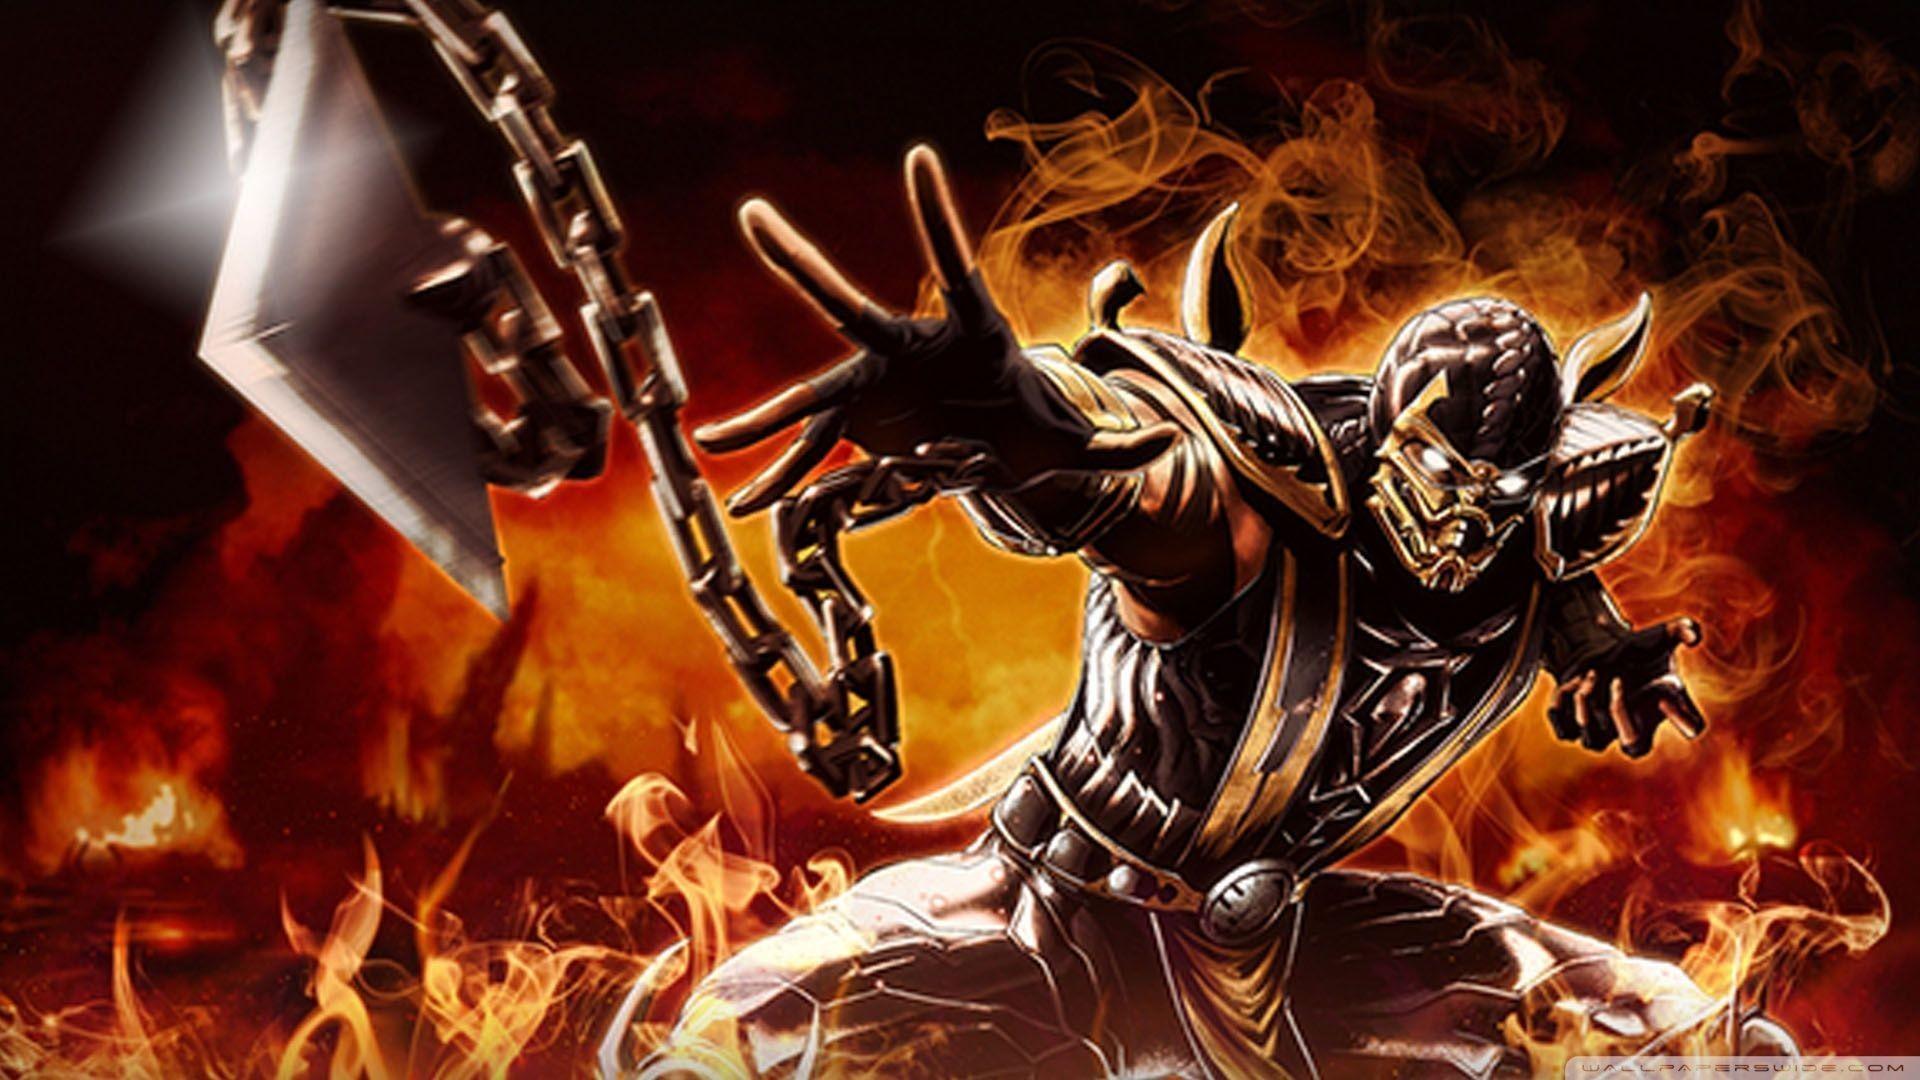 Mortal Kombat Scorpion Wallpapers (more-sky, 01/17)